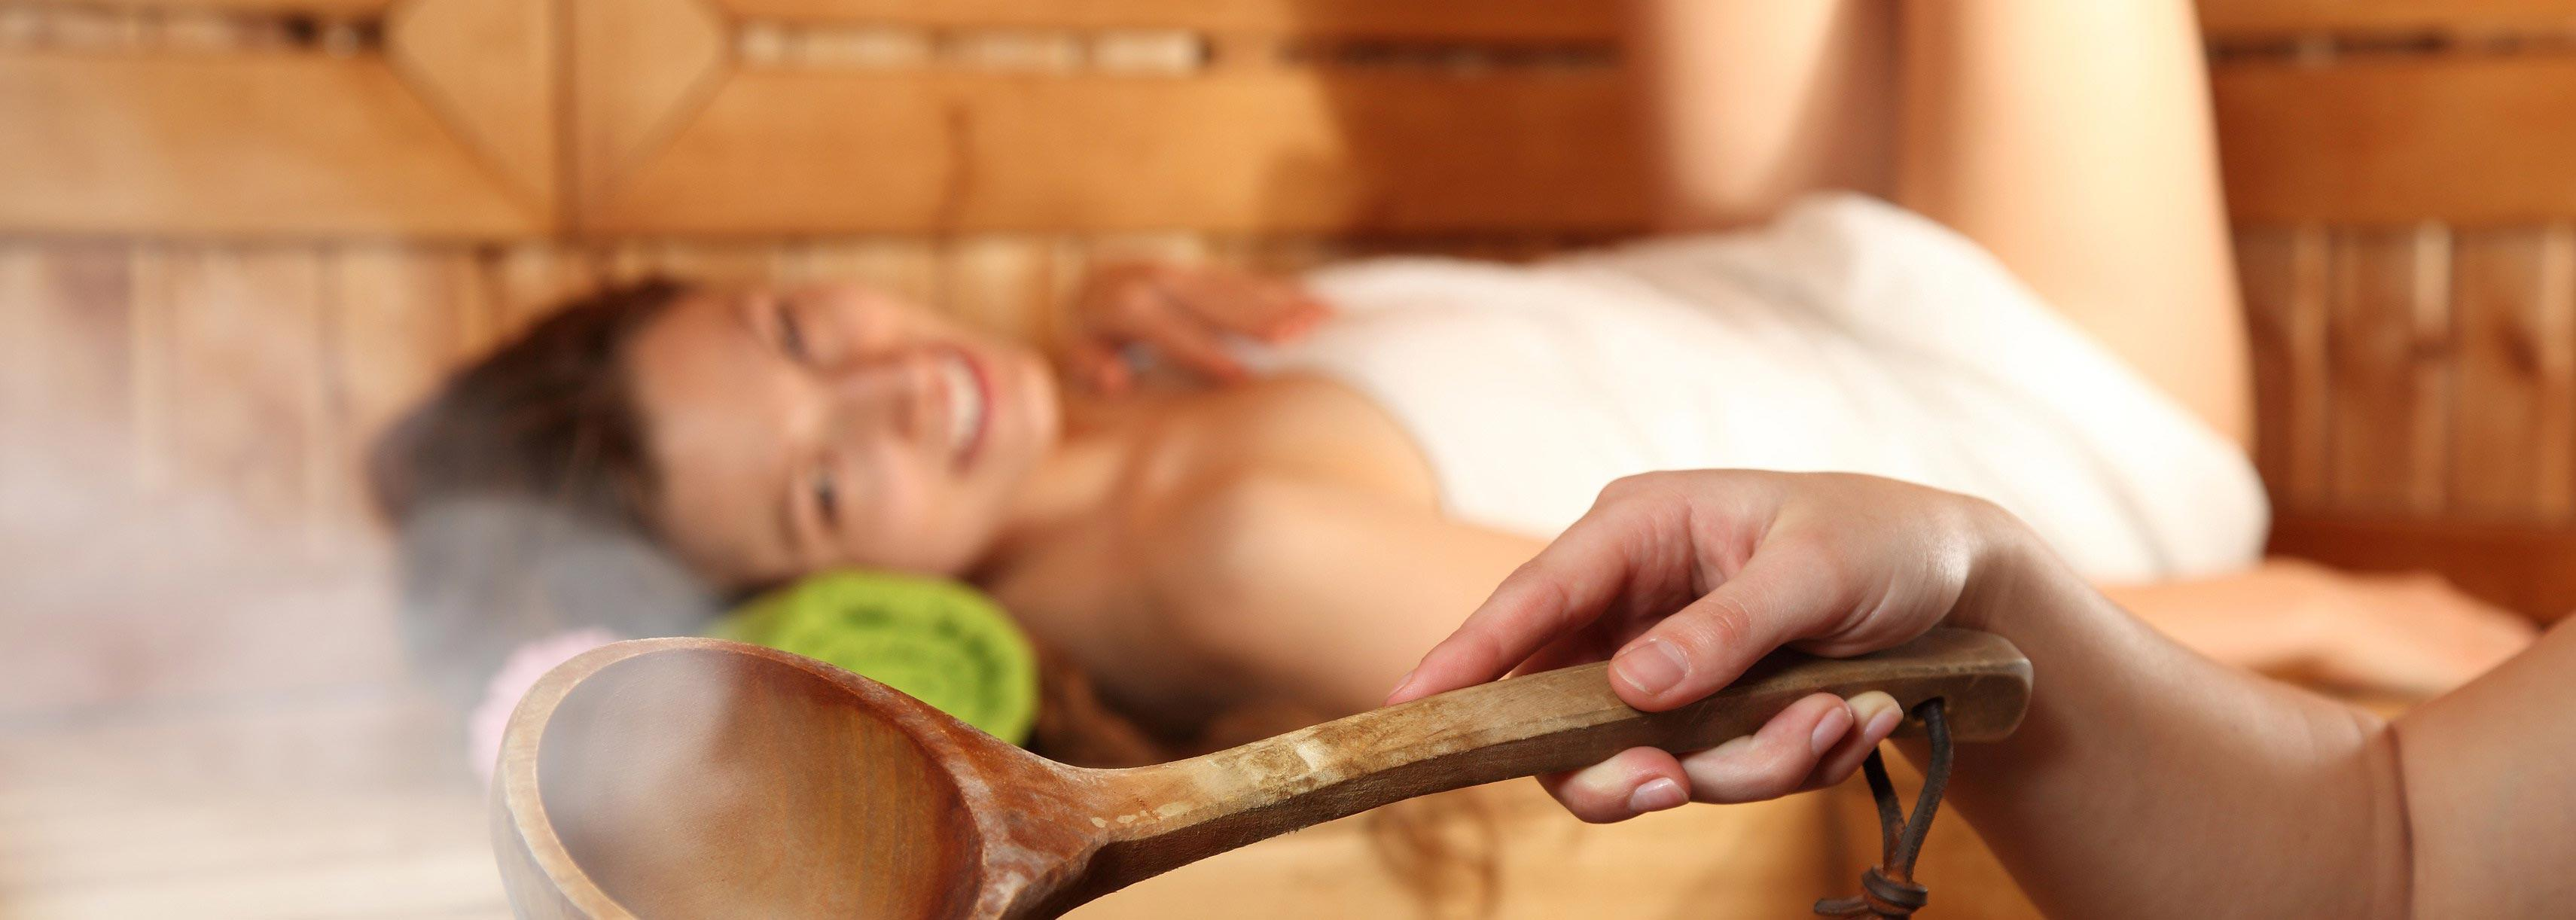 Массаж в бане: можно ли после сауны